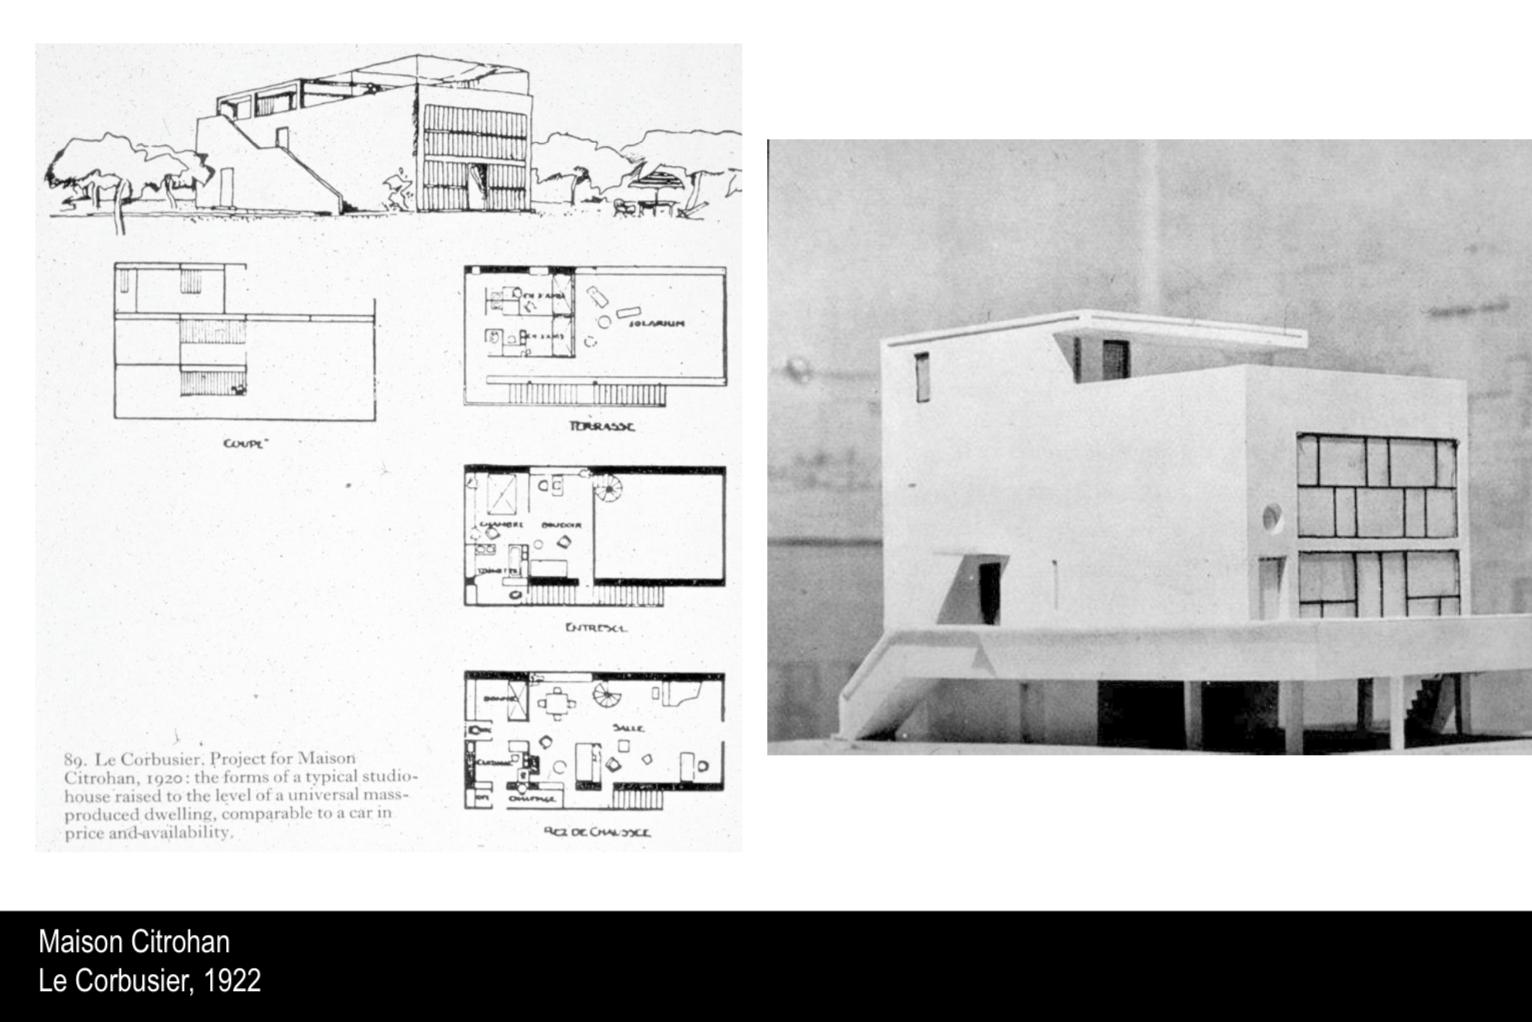 Maison Citrohan Le Corbusier 1922 Le Corbusier Plan